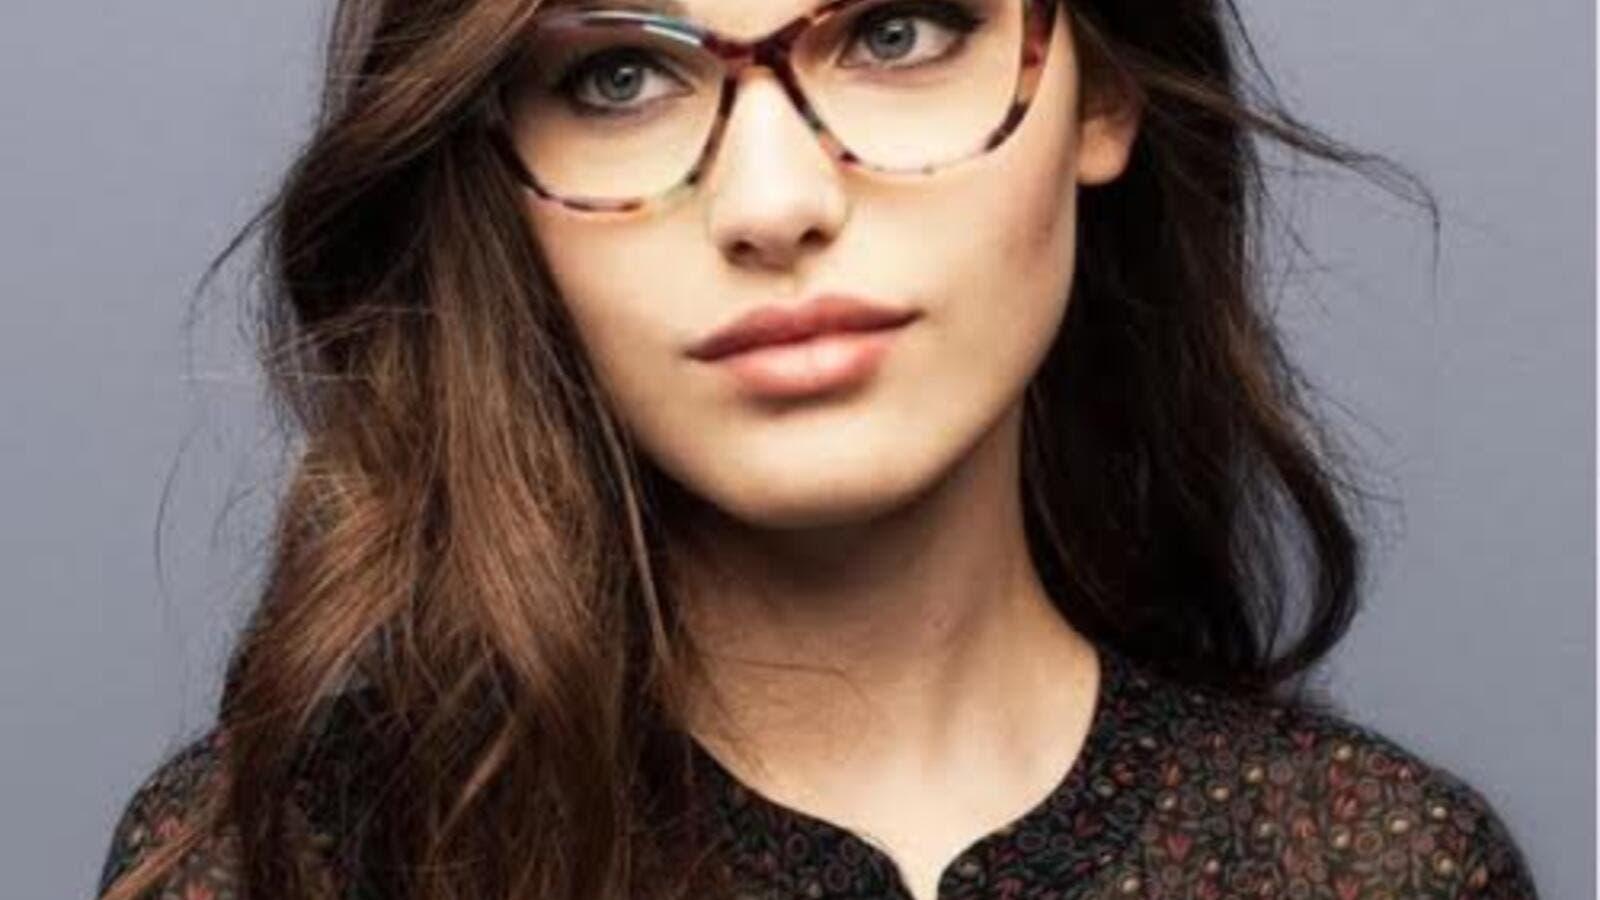 8d672558a نظارات طبية 2018 : رائعة ومتنوعة من ناحية أشكالها وألوانها | البوابة